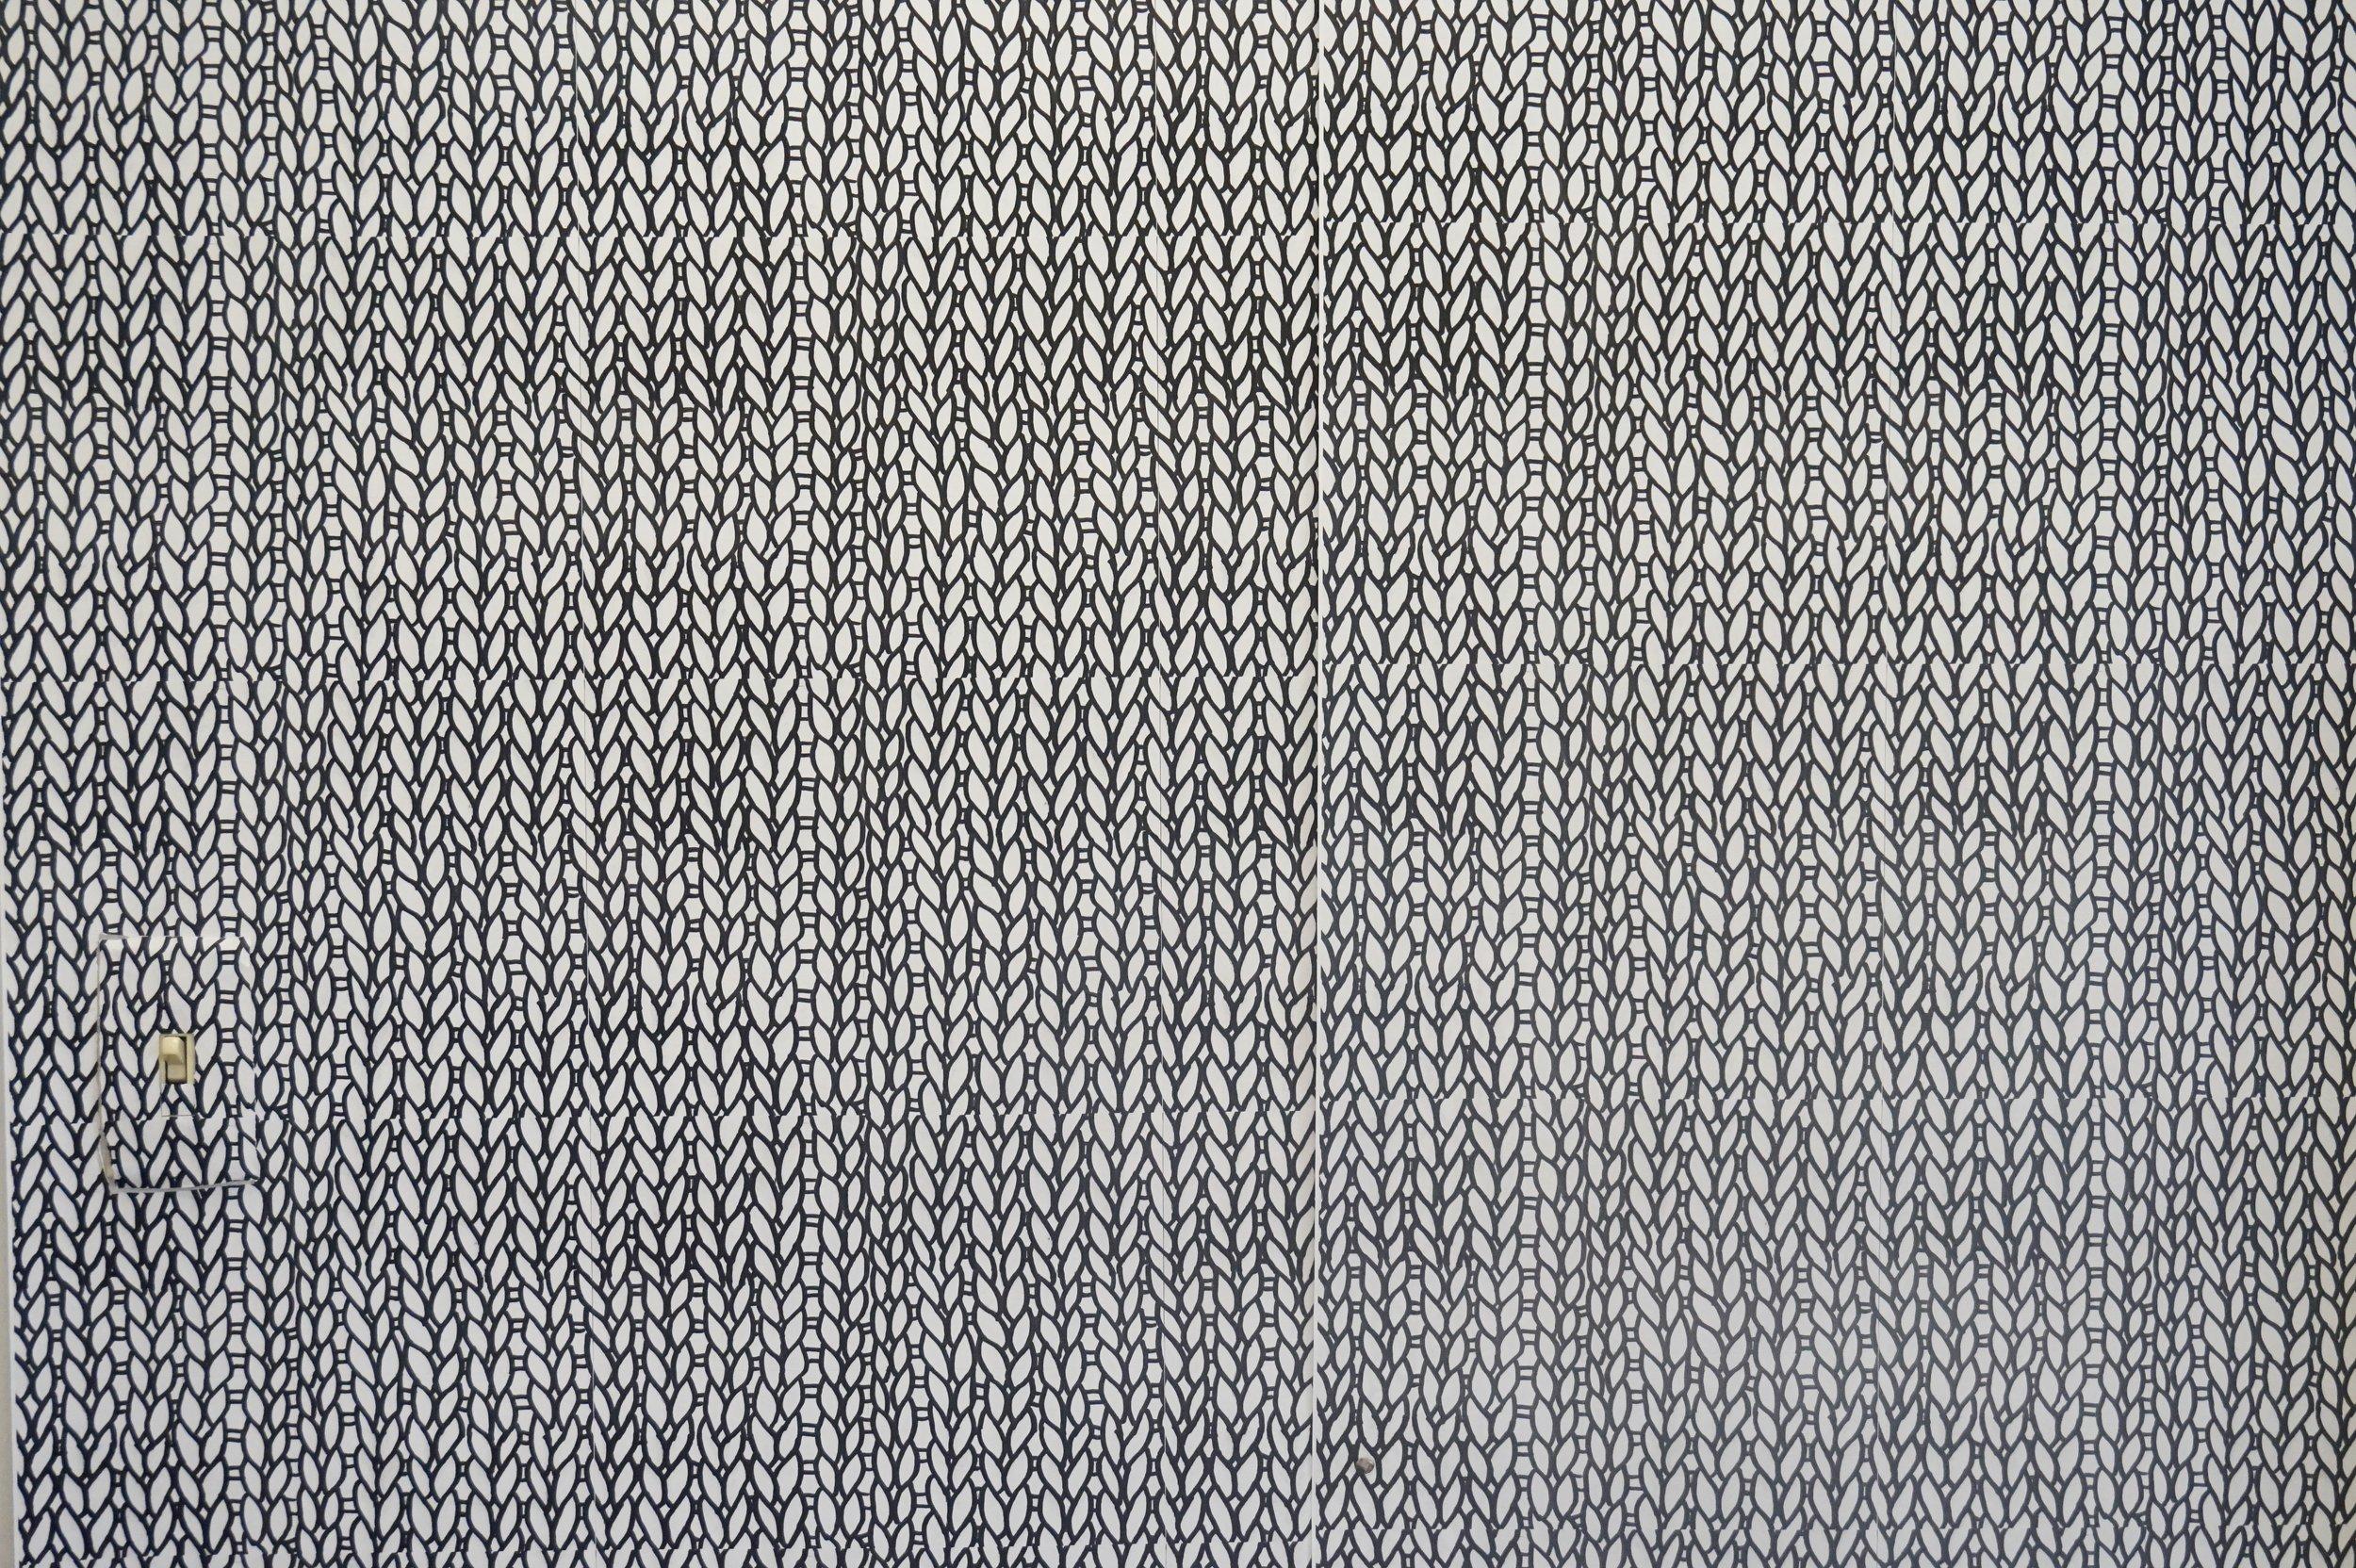 Knit Print Wallpaper